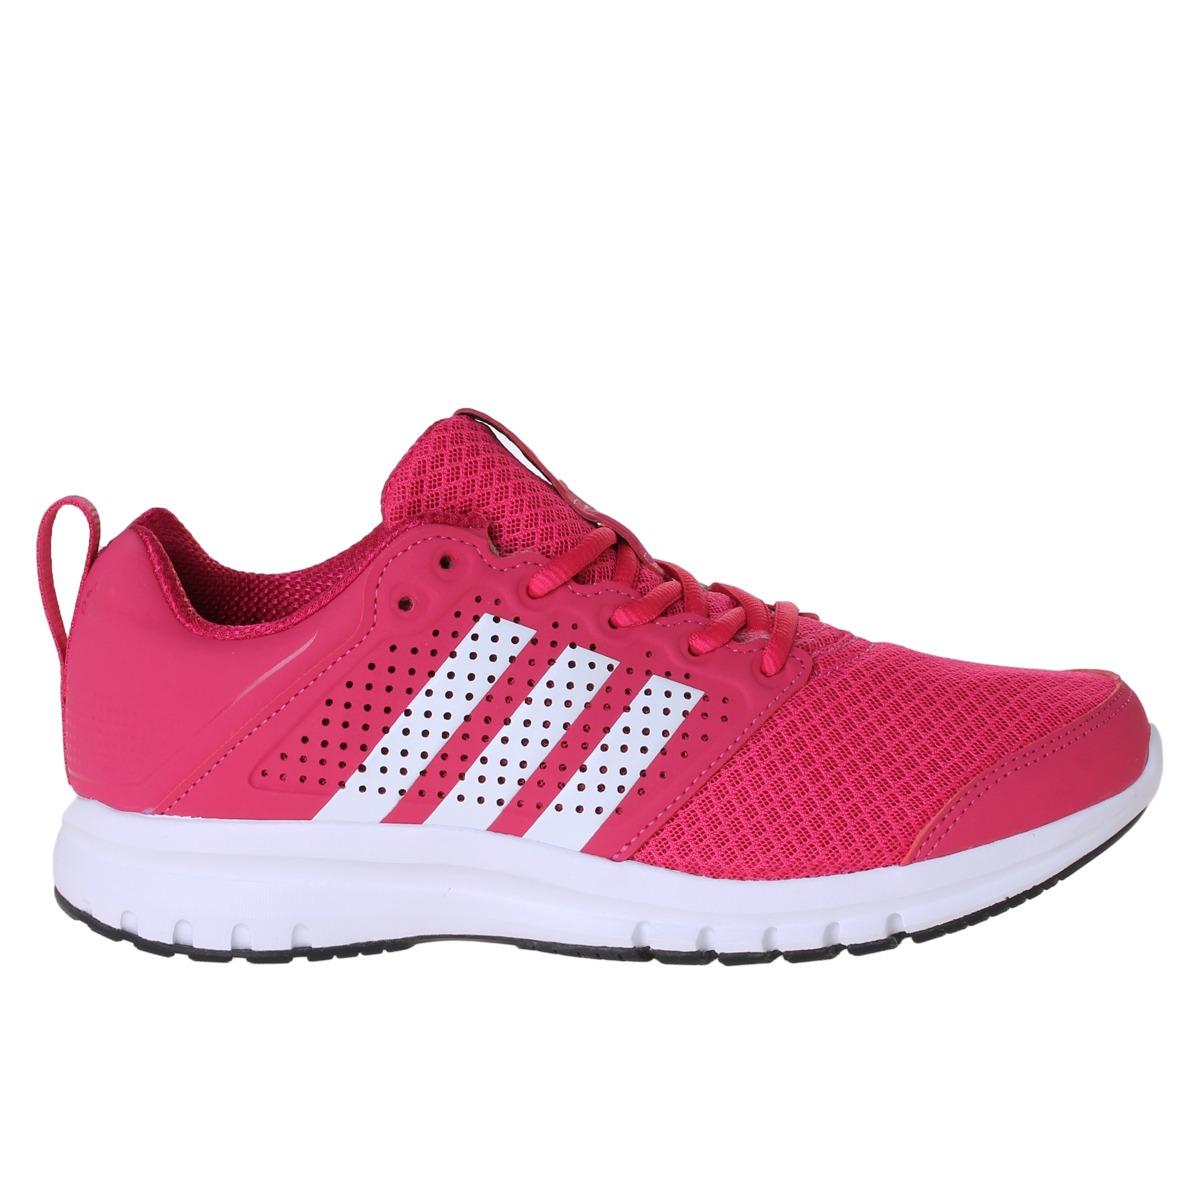 Zapatos Adidas Madoru para mujer FsGagt